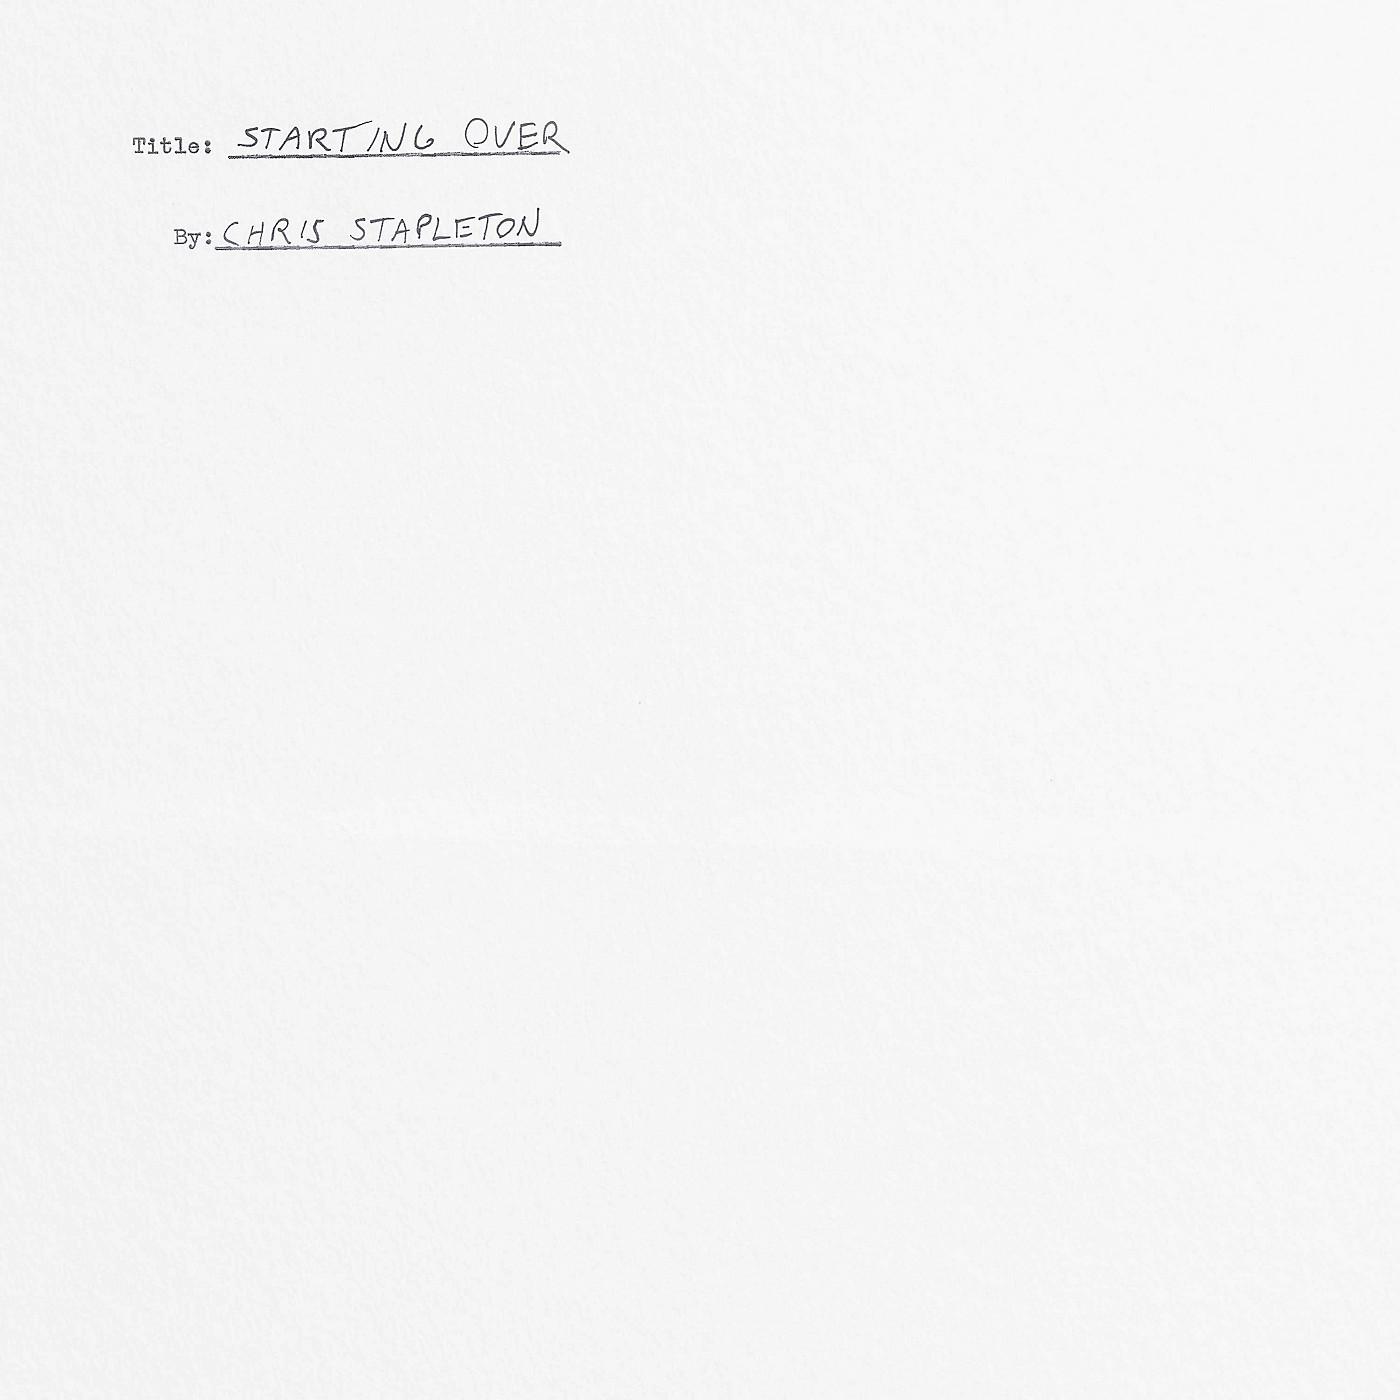 Universal Music Group Chris Stapleton - Starting Over [2 LP] thumbnail